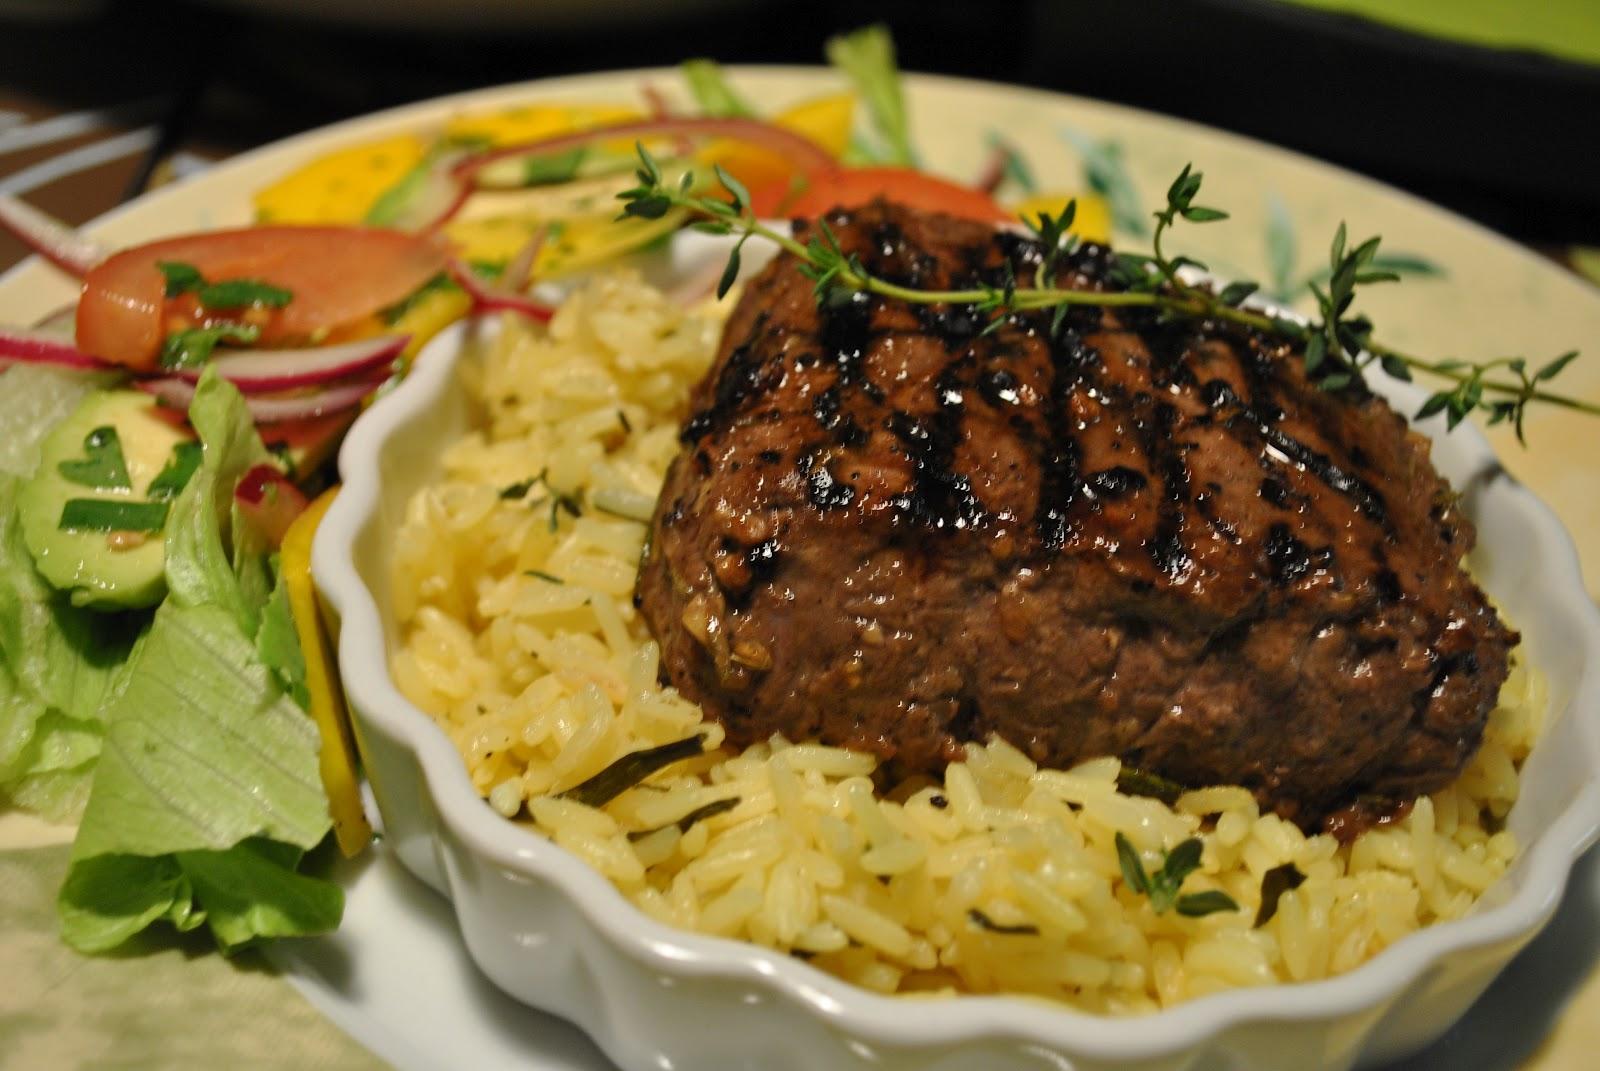 D lices et confession partage de recettes et d couvertes steak de boeuf au romarin - Cuisson filet de boeuf au four chaleur tournante ...